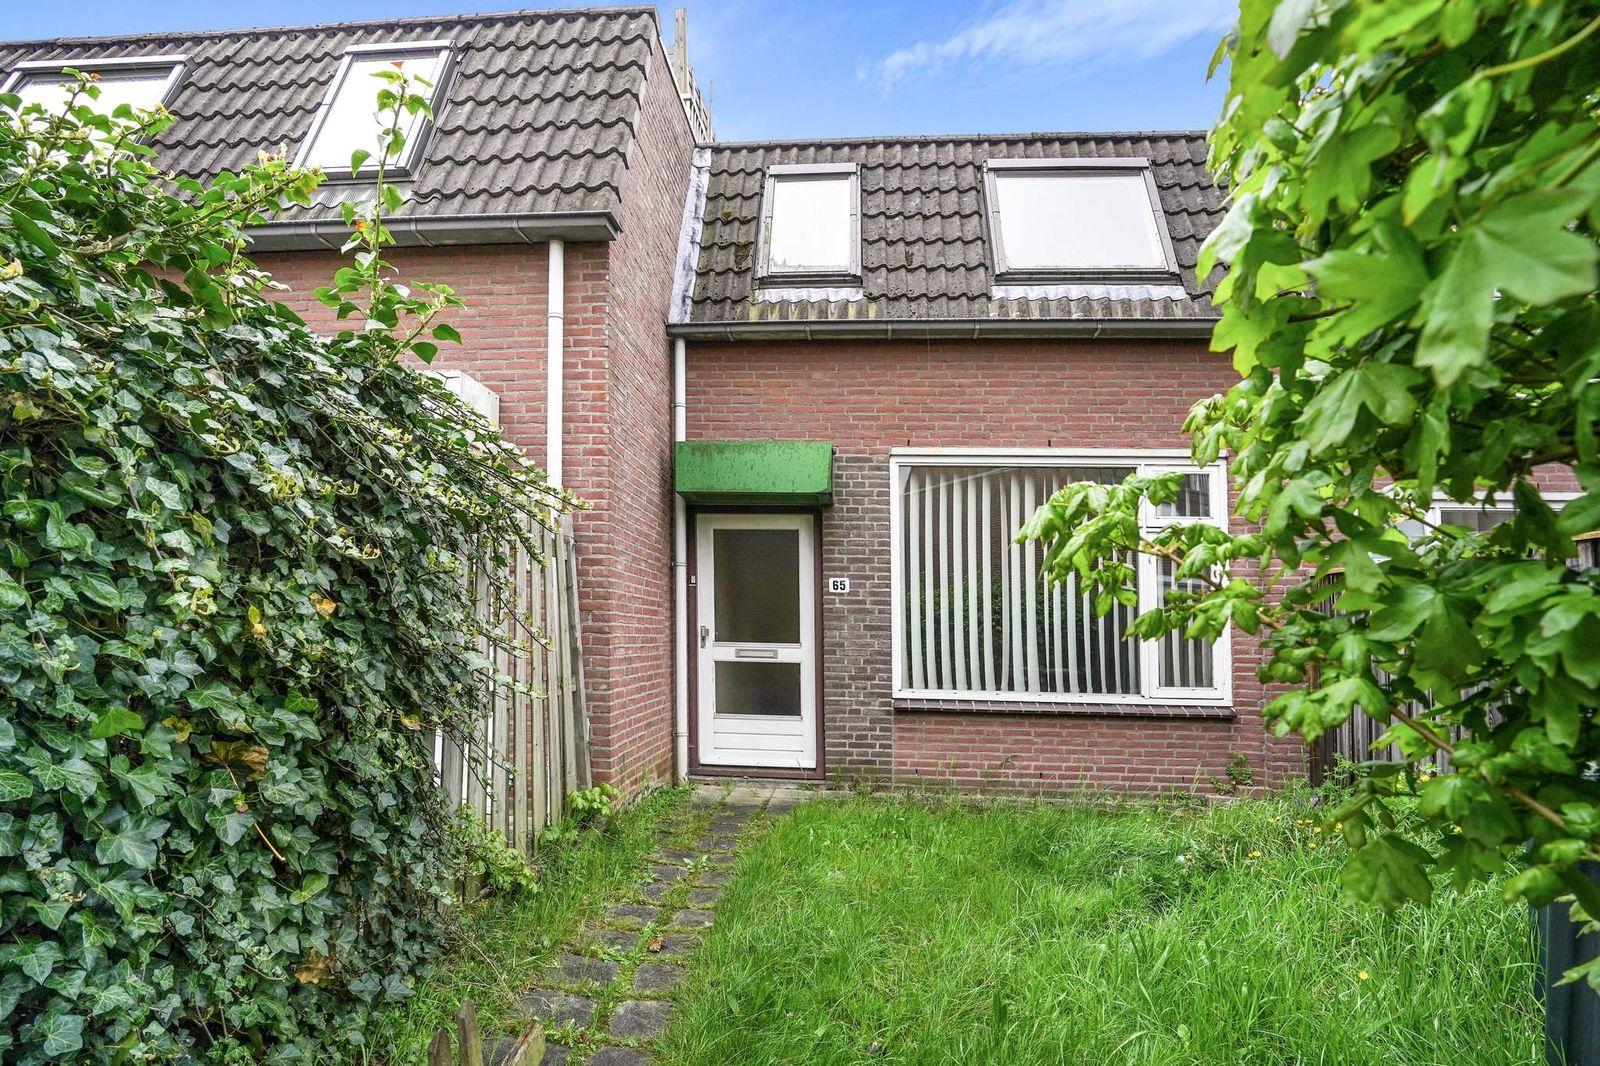 Landvoogdstraat 65, Heerlen